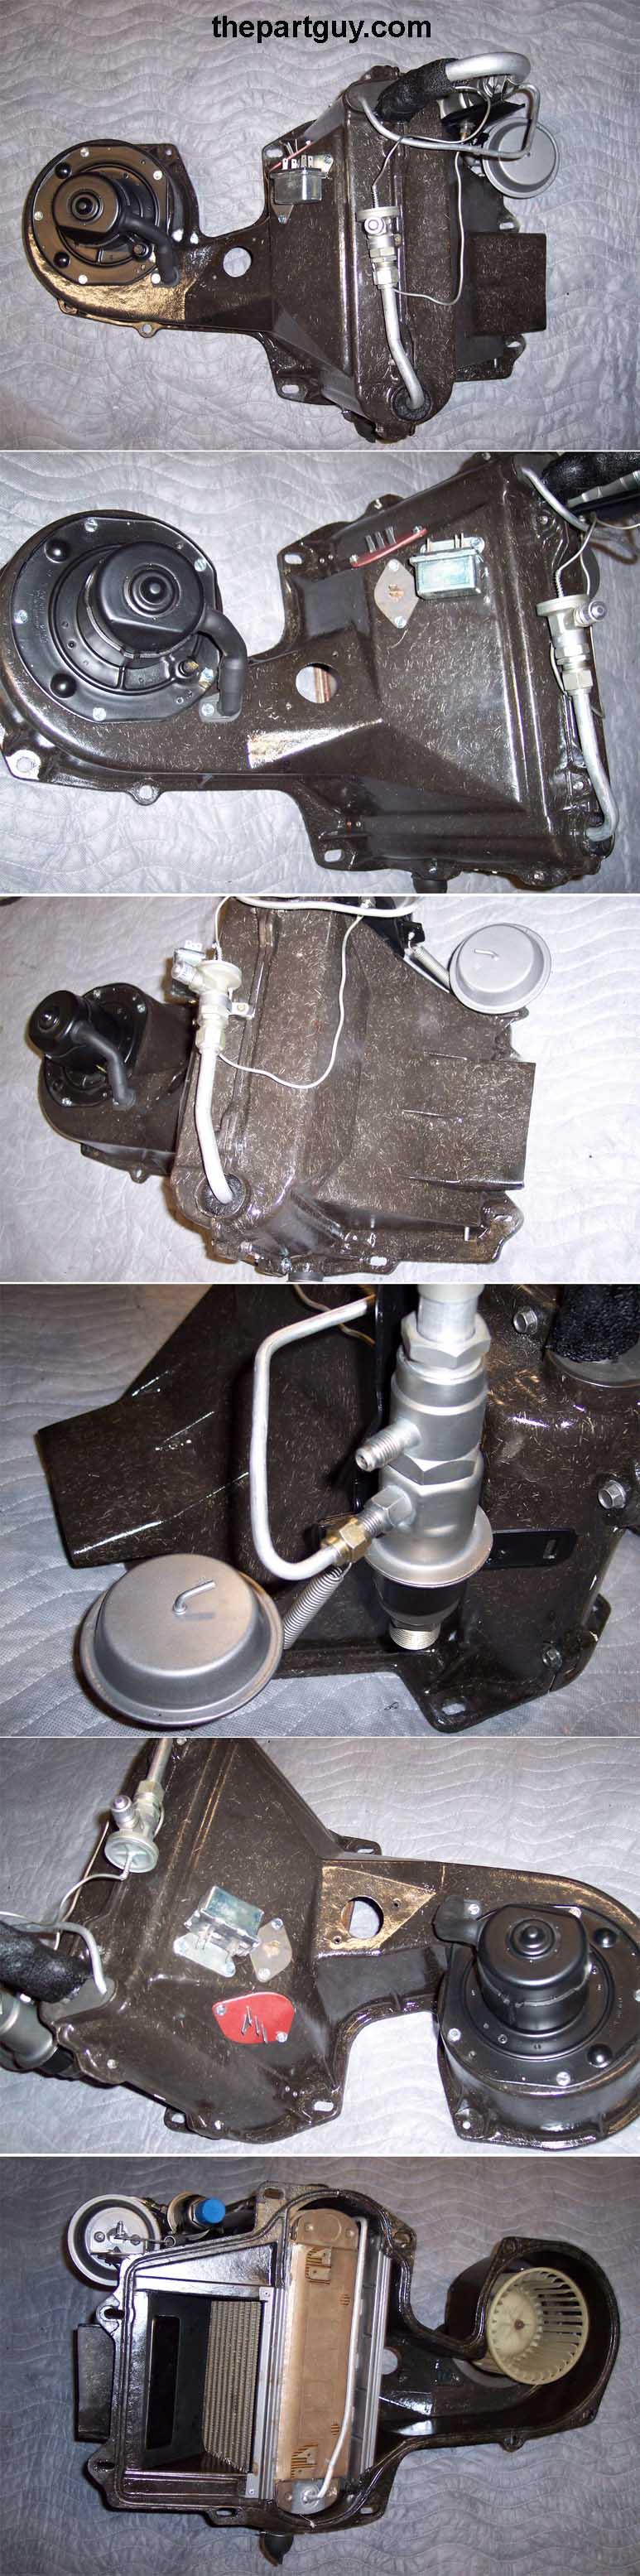 Ac Heater Evaporator Case Question Nastyz28 Com